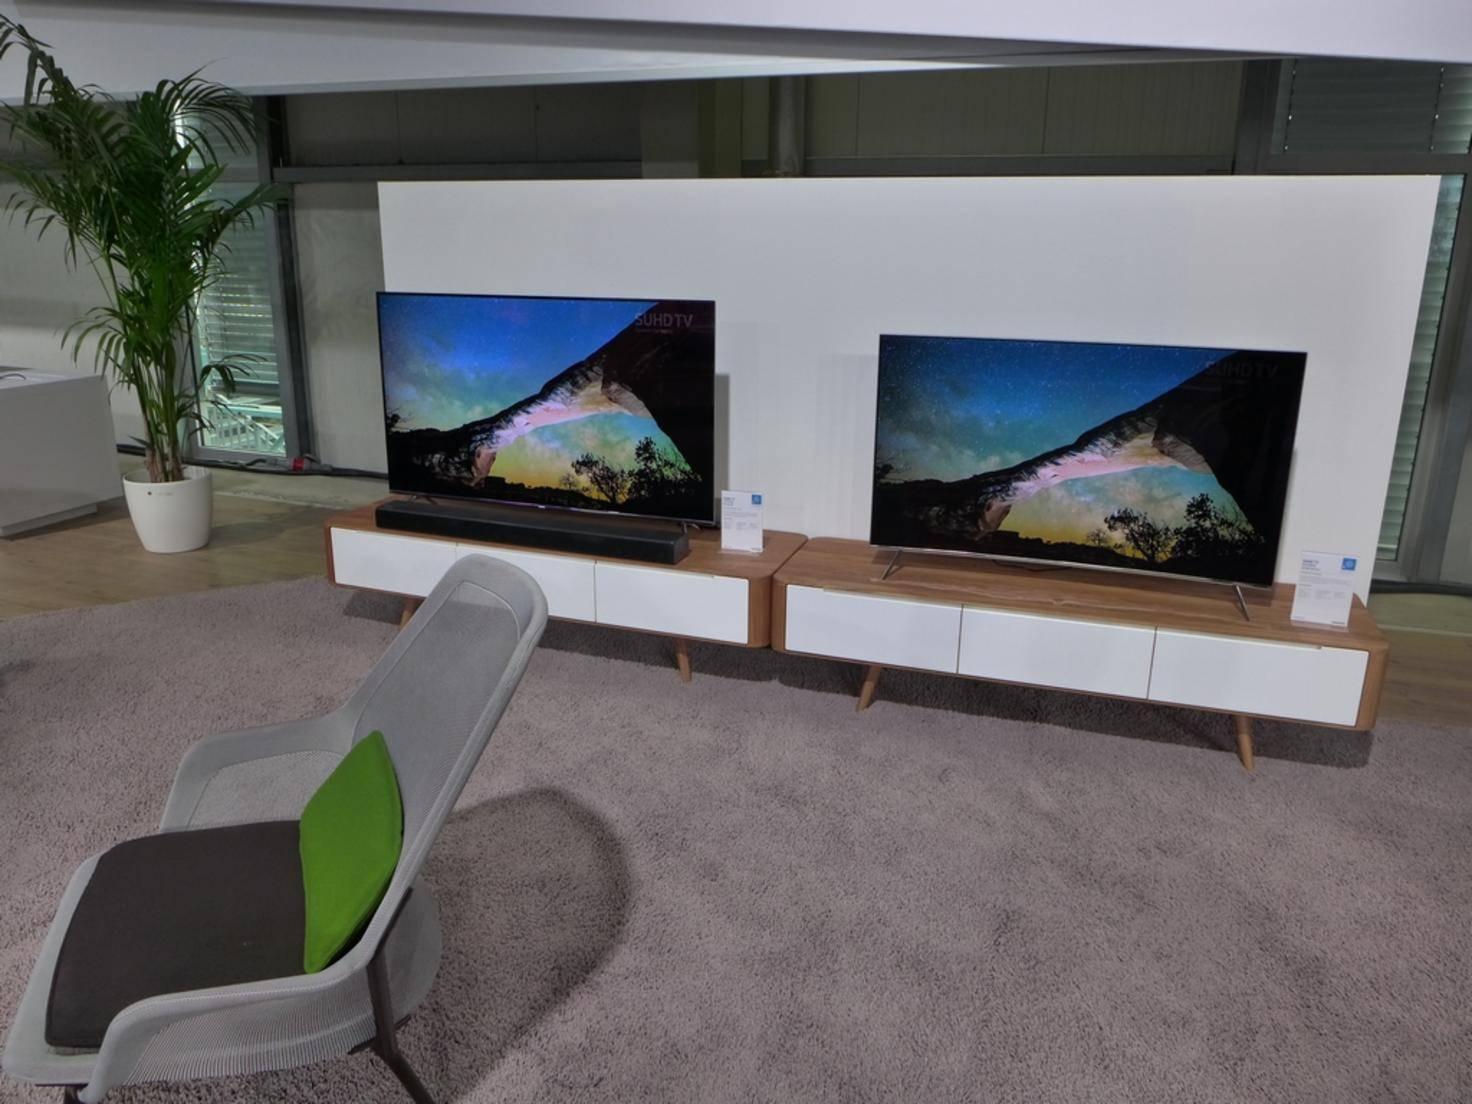 Einige TVs waren auch im Wohnzimmer-Ambiente aufgebaut.